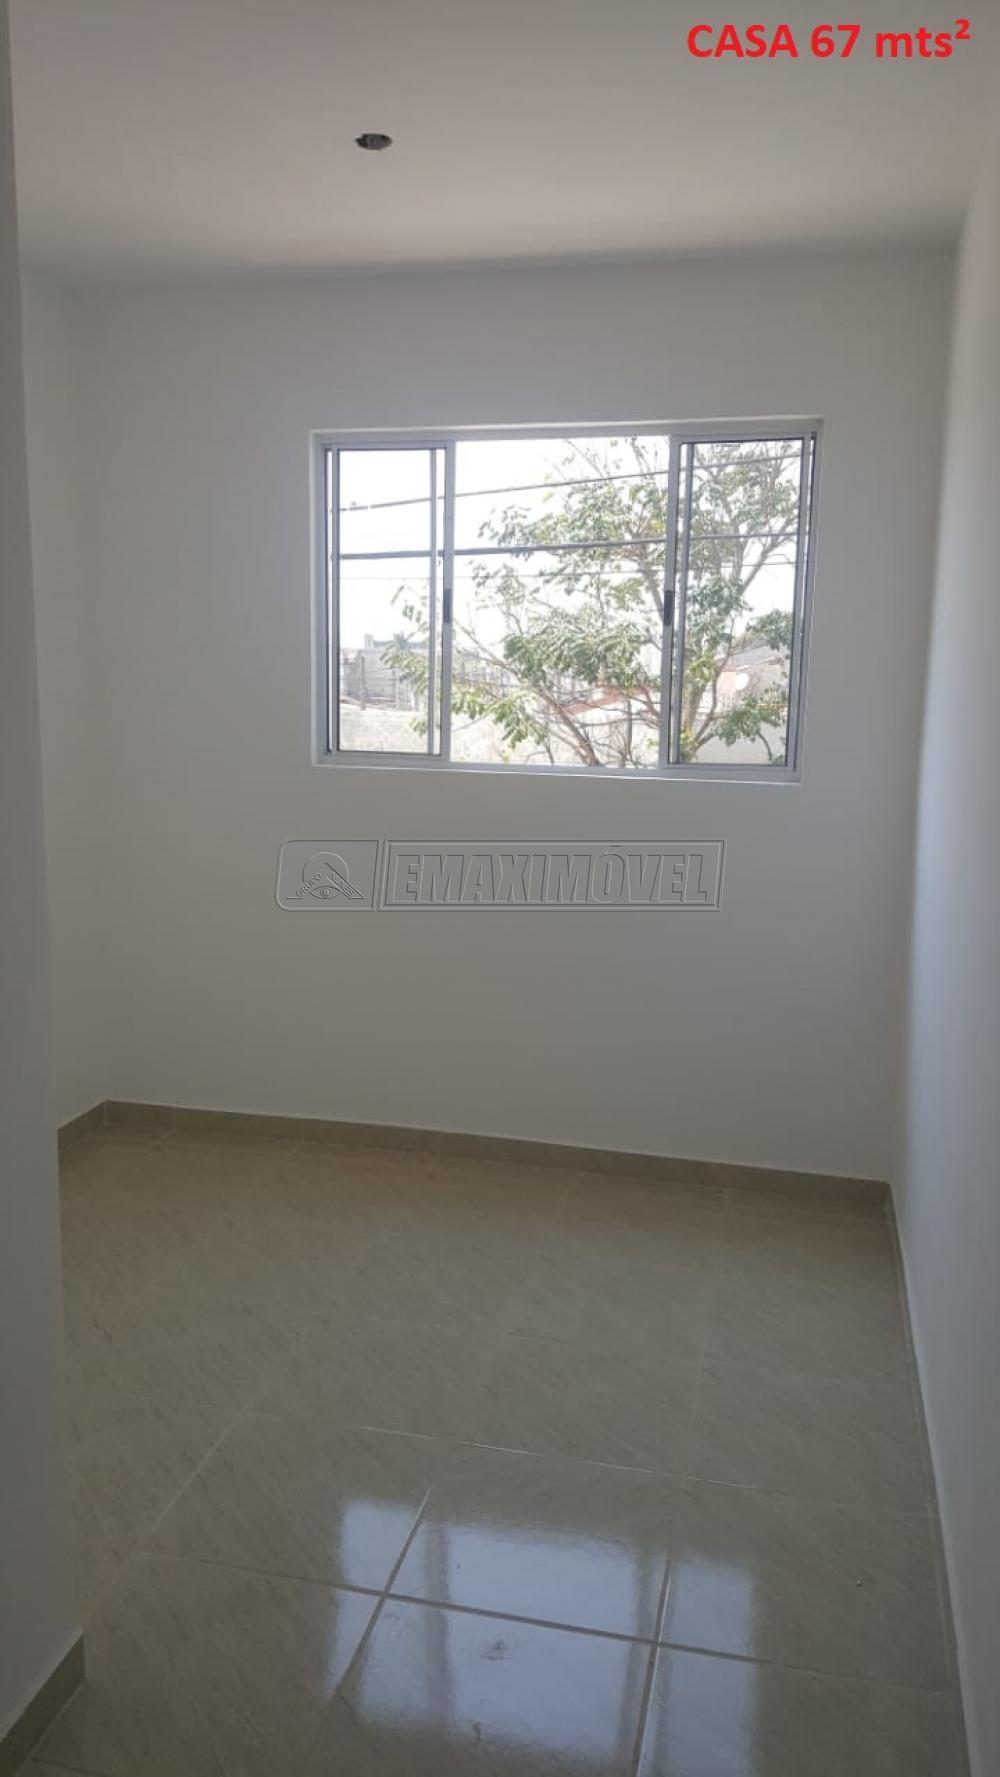 Comprar Casas / em Bairros em Sorocaba apenas R$ 189.000,00 - Foto 5